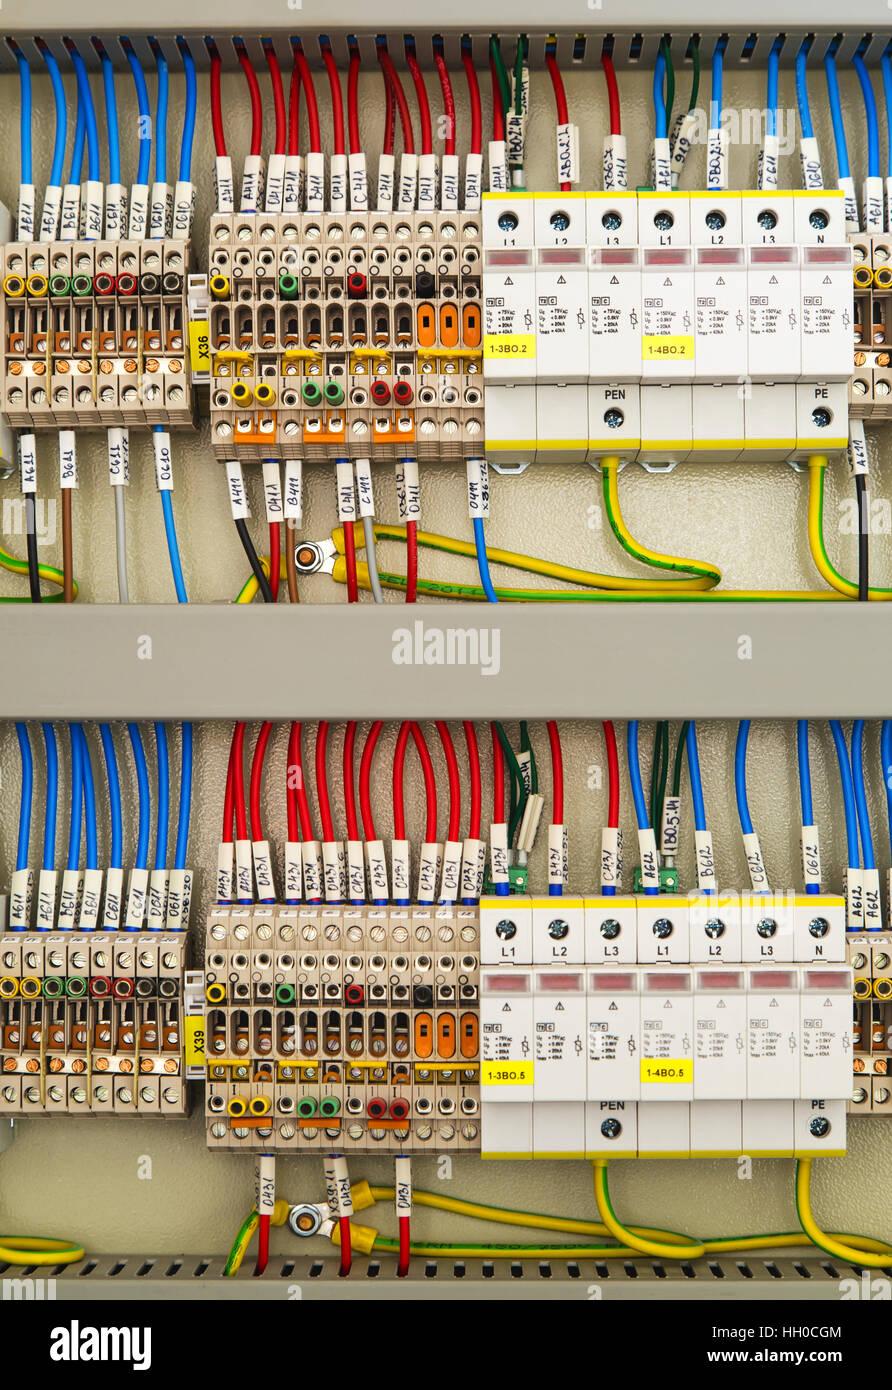 Ungewöhnlich Elektrisches Verdrahtungssystem Ideen - Der Schaltplan ...